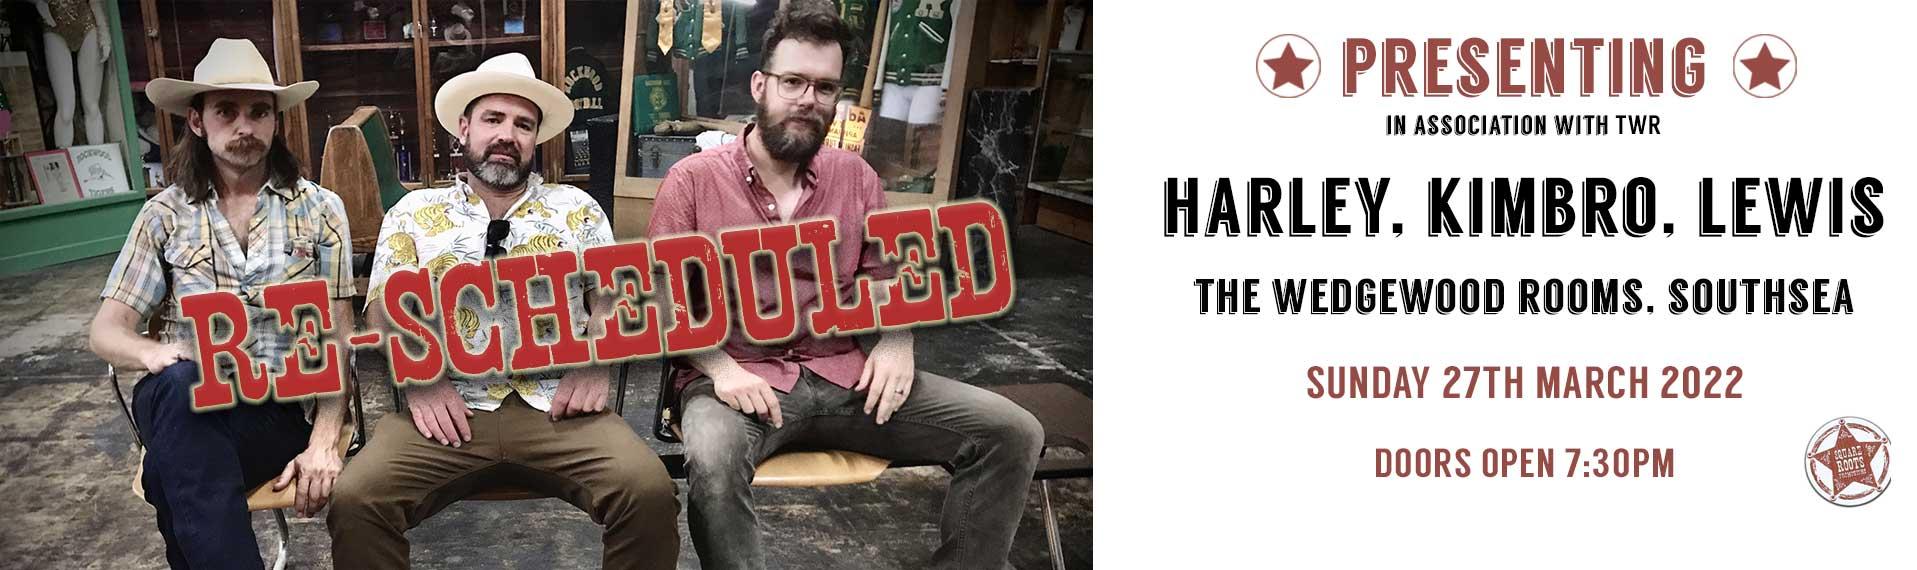 HARLYKIMBOLEWISrescheduled–banner